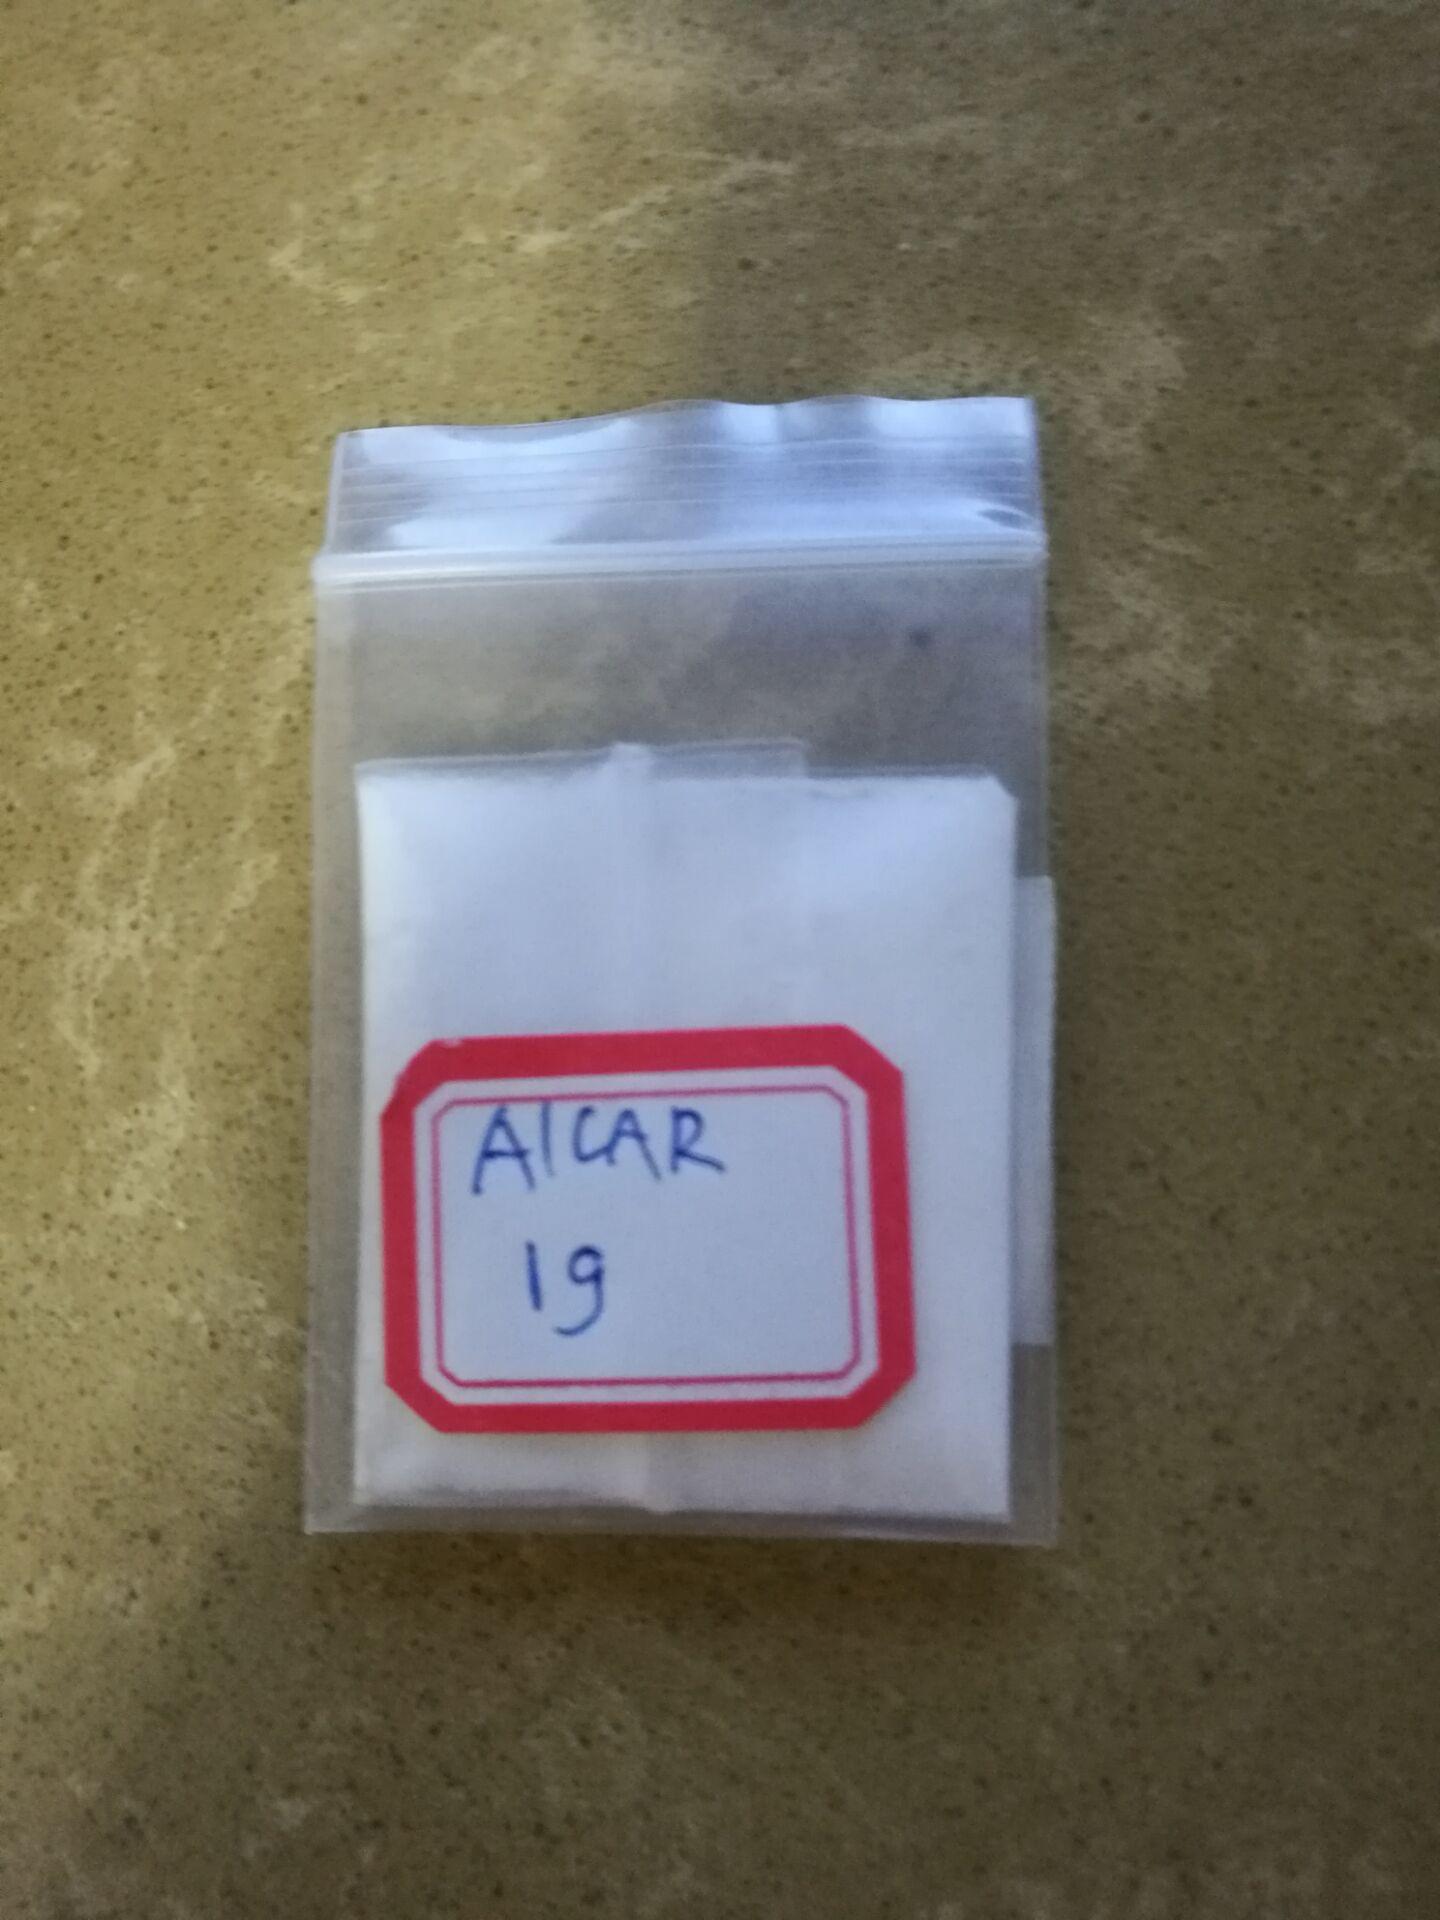 Supply sarms Aicar// Acadesine powder CAS no. 2627-69-2